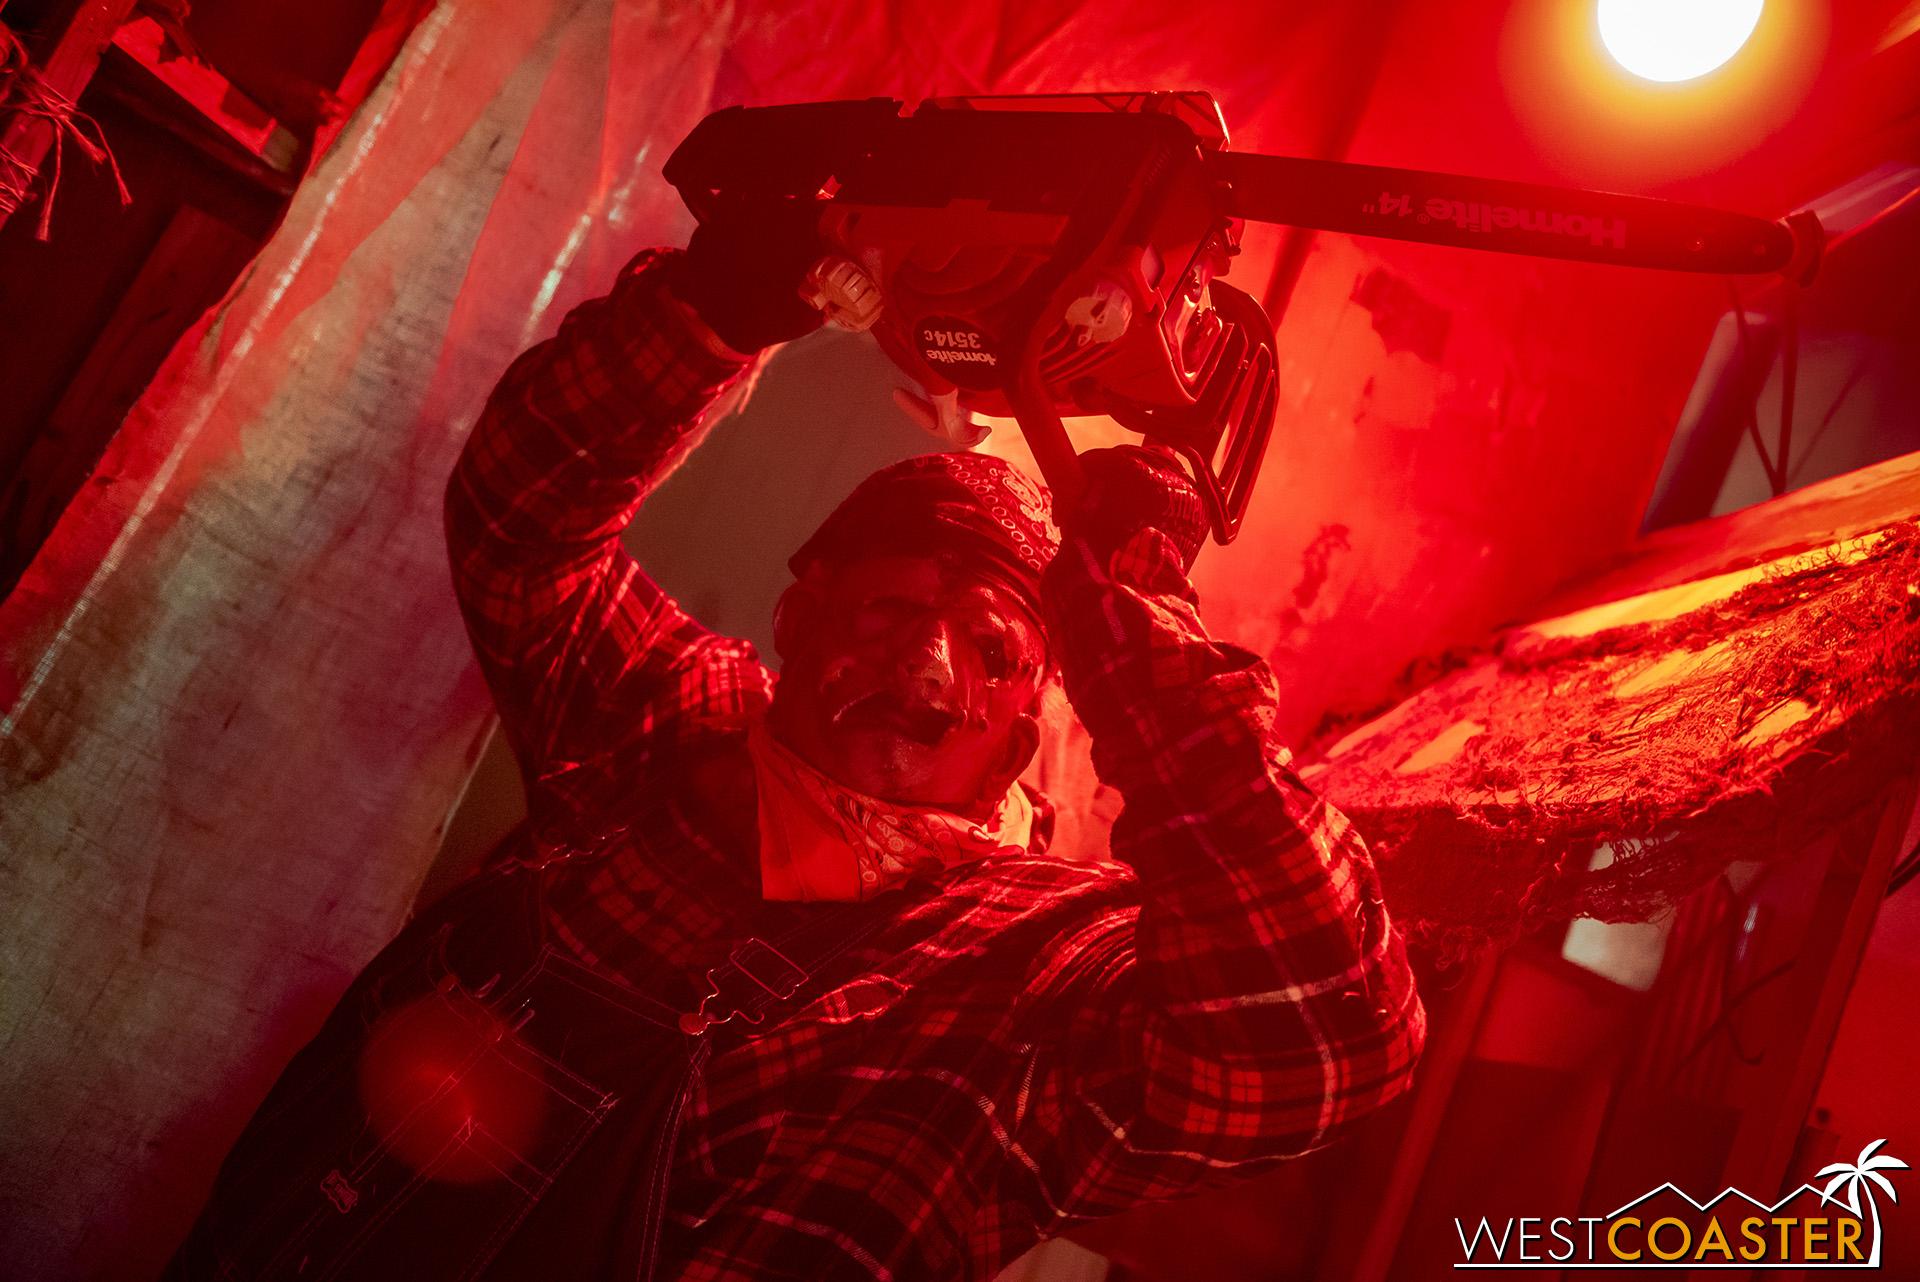 Chainsaws? Yep, Twisted Dreams has 'em!